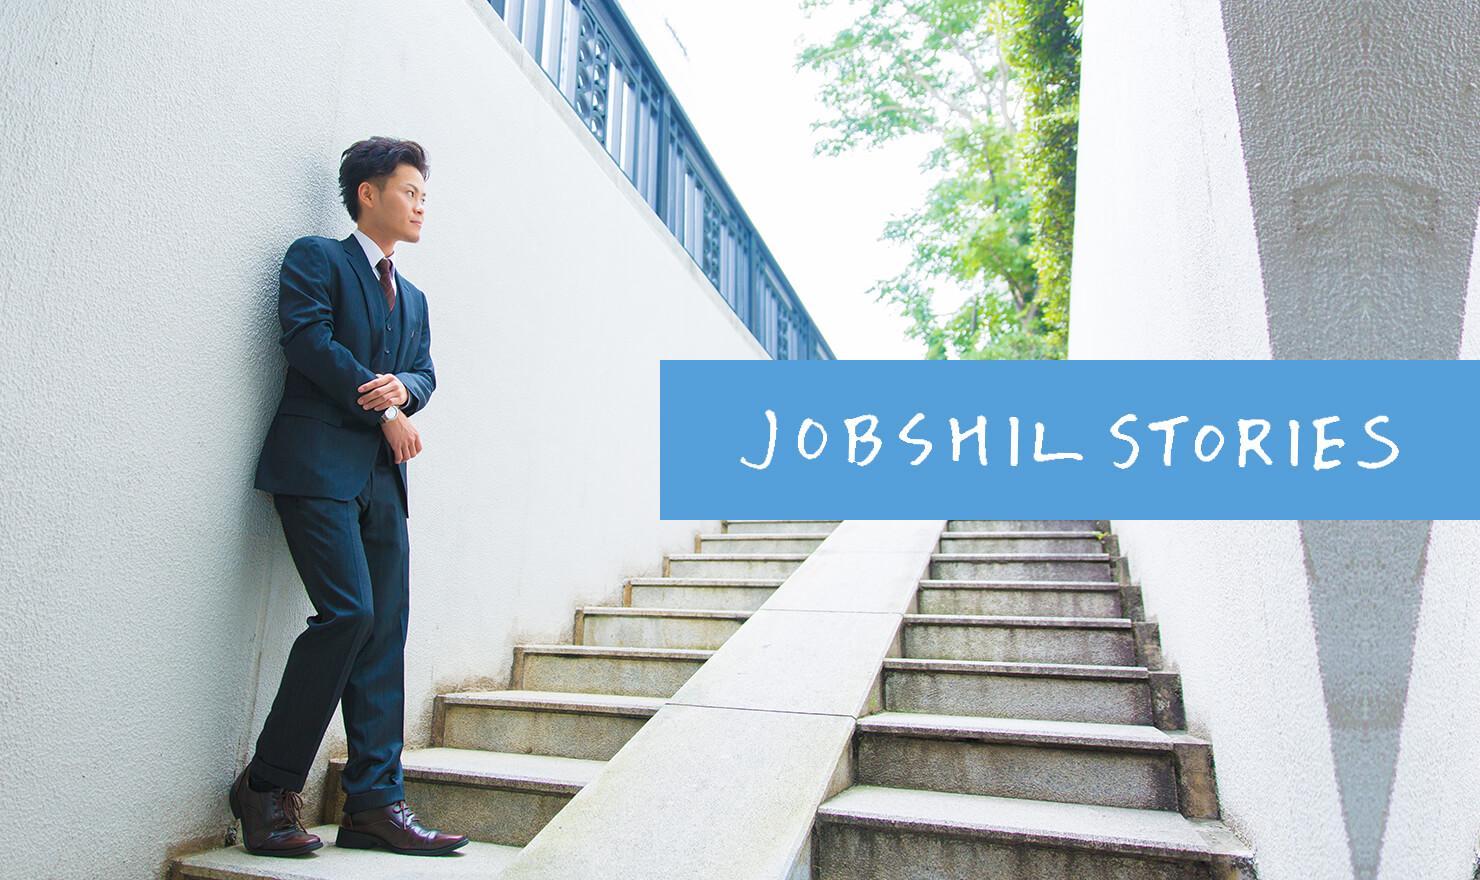 3年間の契約社員採用で未来を変える。リクルートライフスタイル【PR】   JOBSHIL